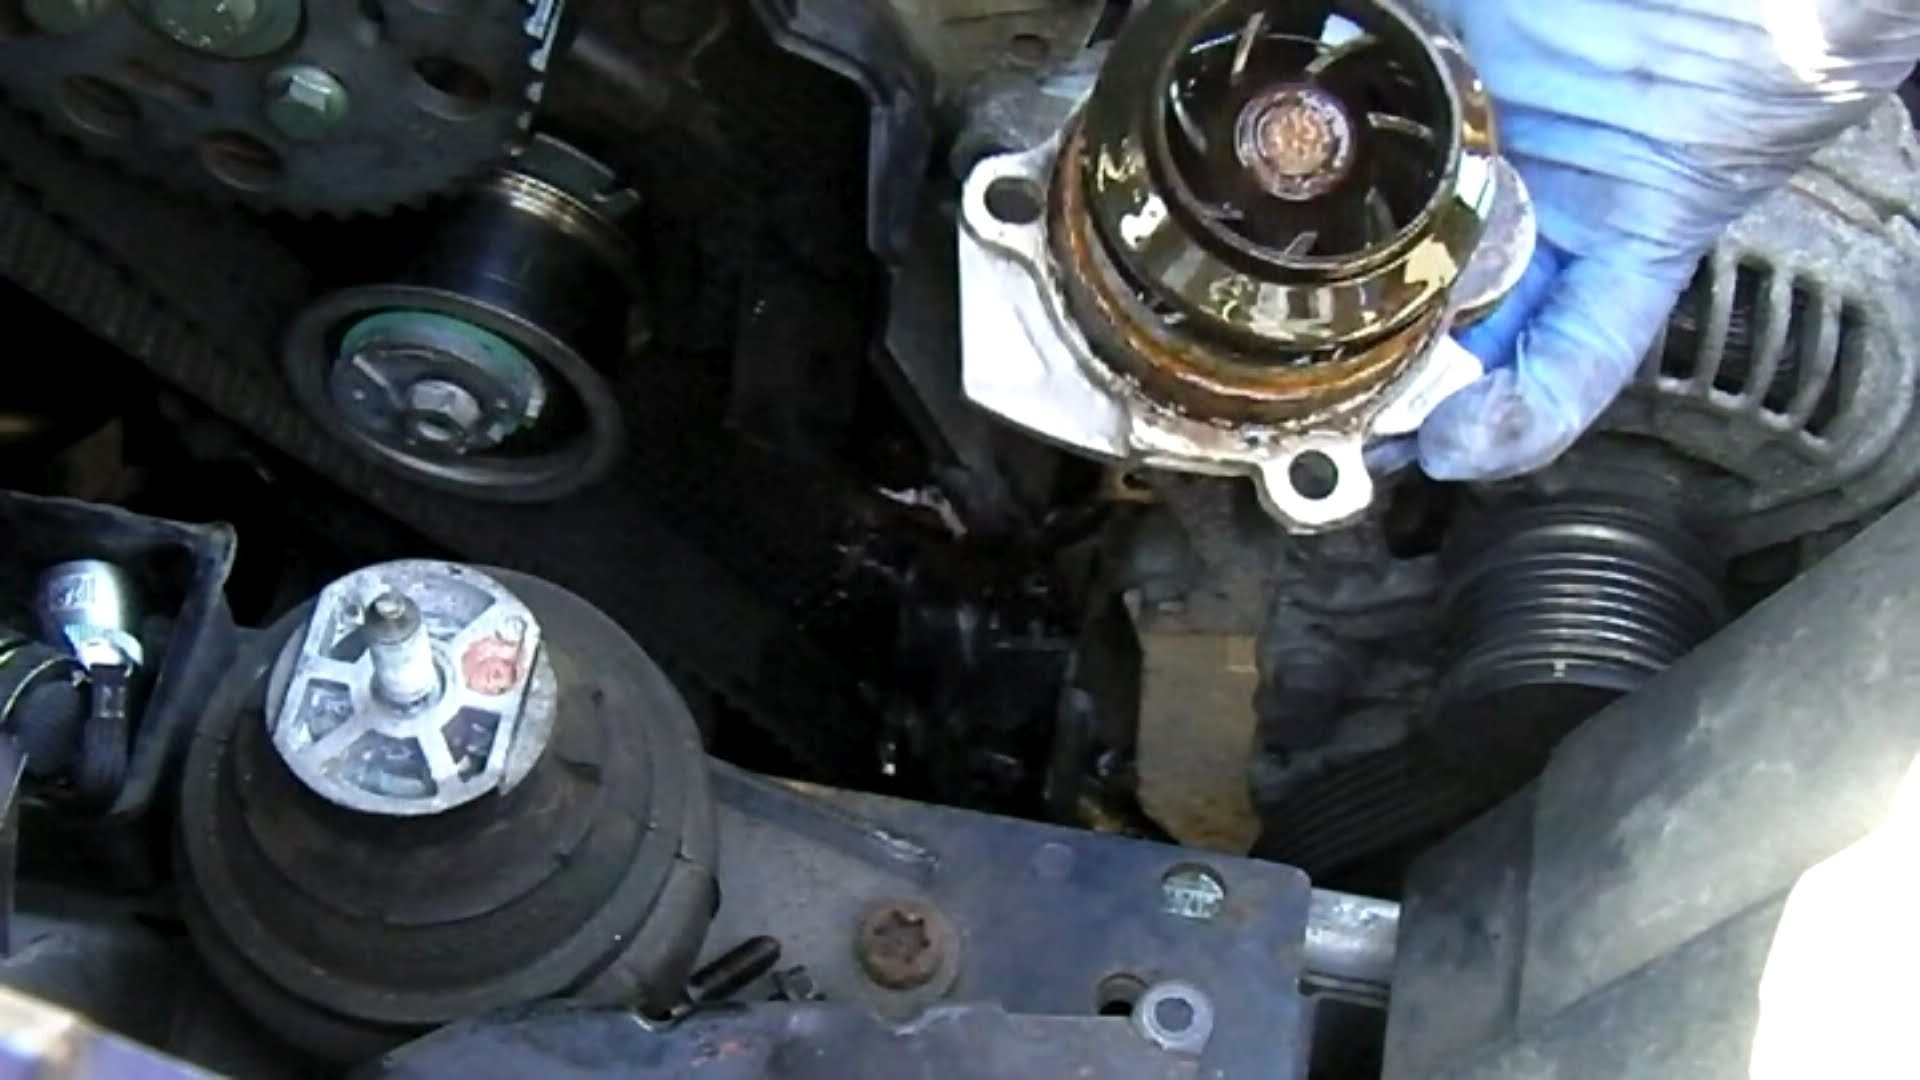 Ford Ka Engine Diagram ford Galaxy 1 9 Tdi Mk2 Water Pump Removal Of Ford Ka Engine Diagram